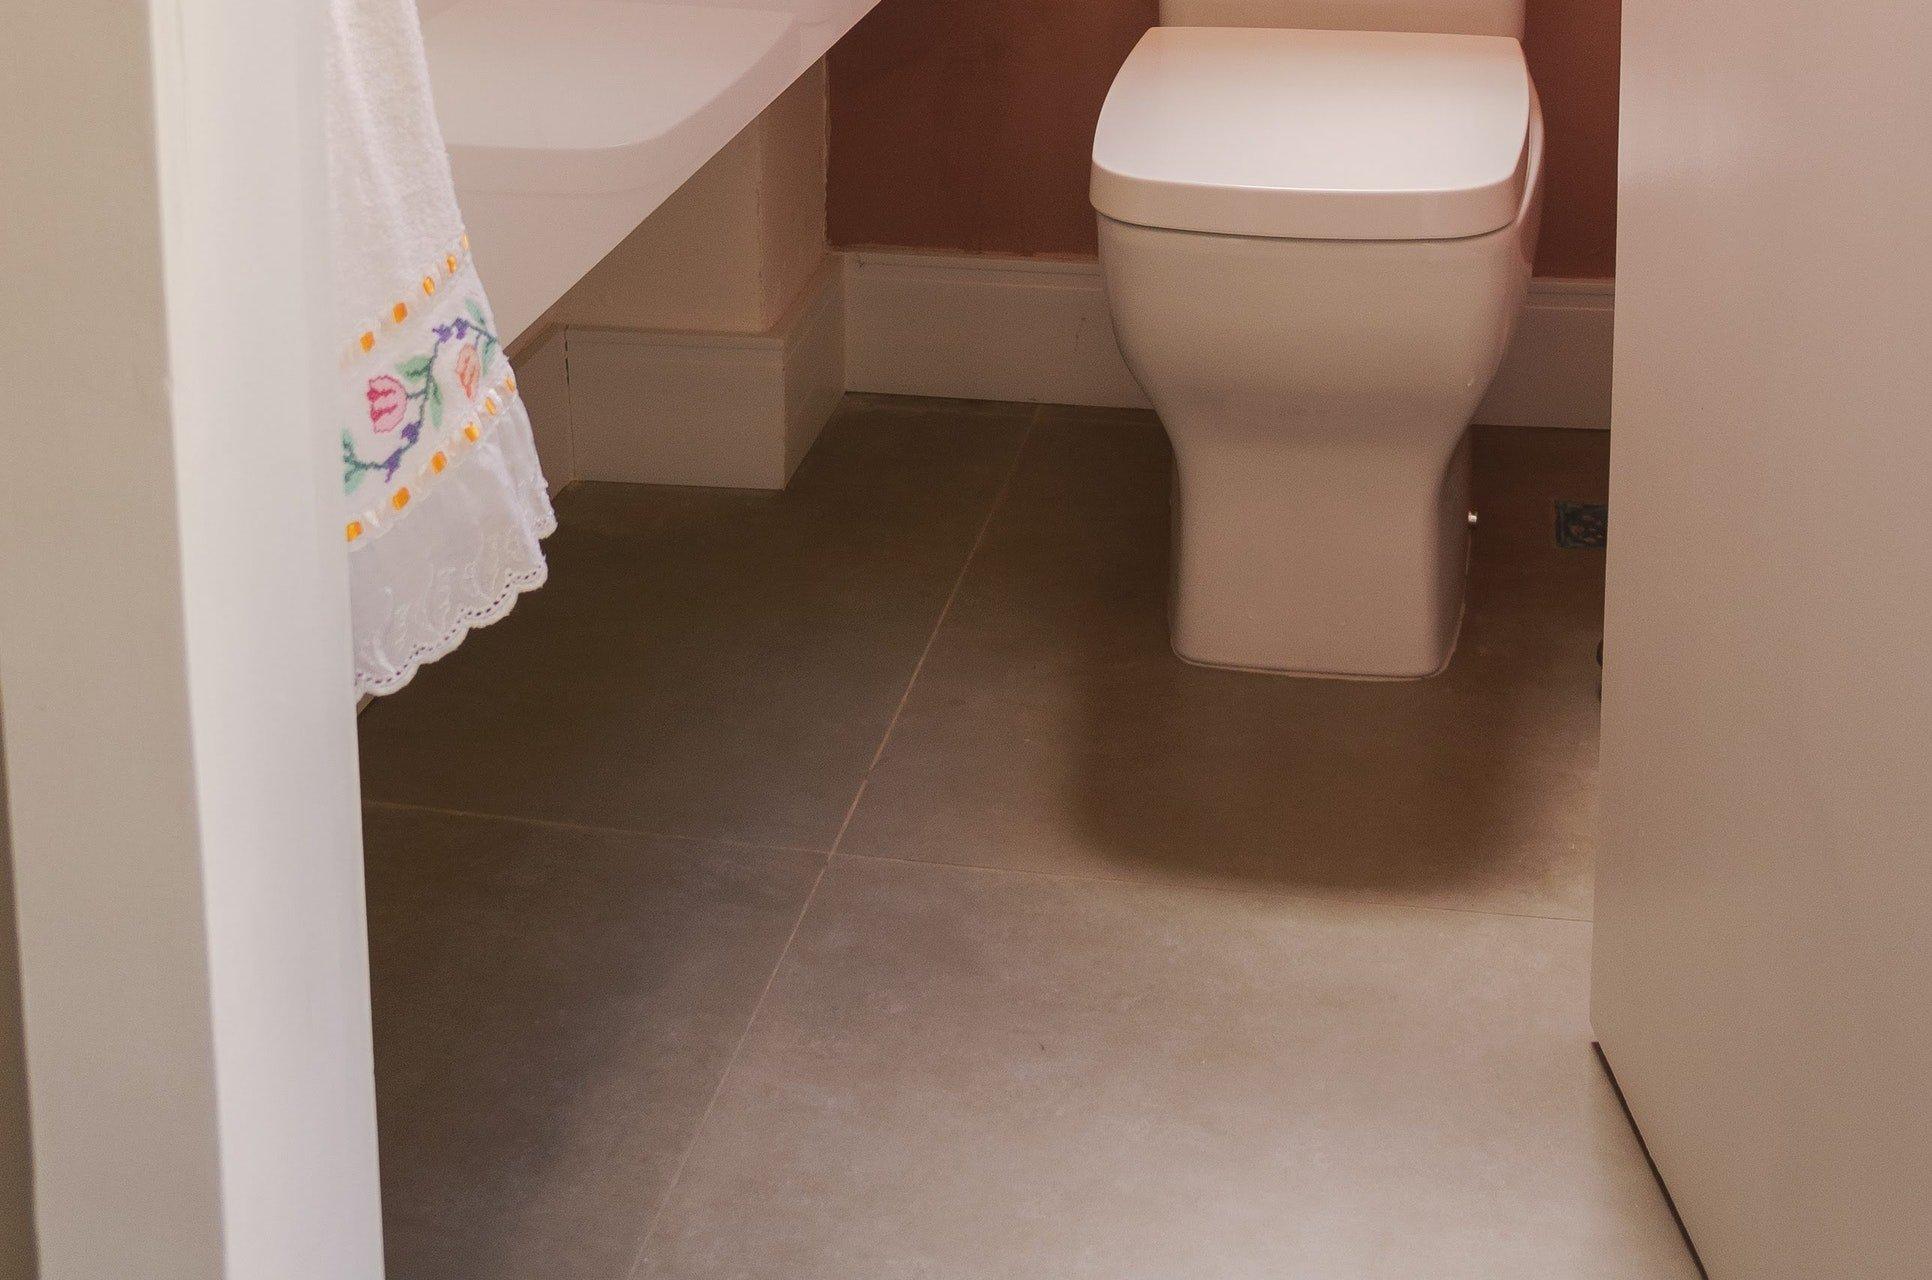 kleine wc ruimte inrichten